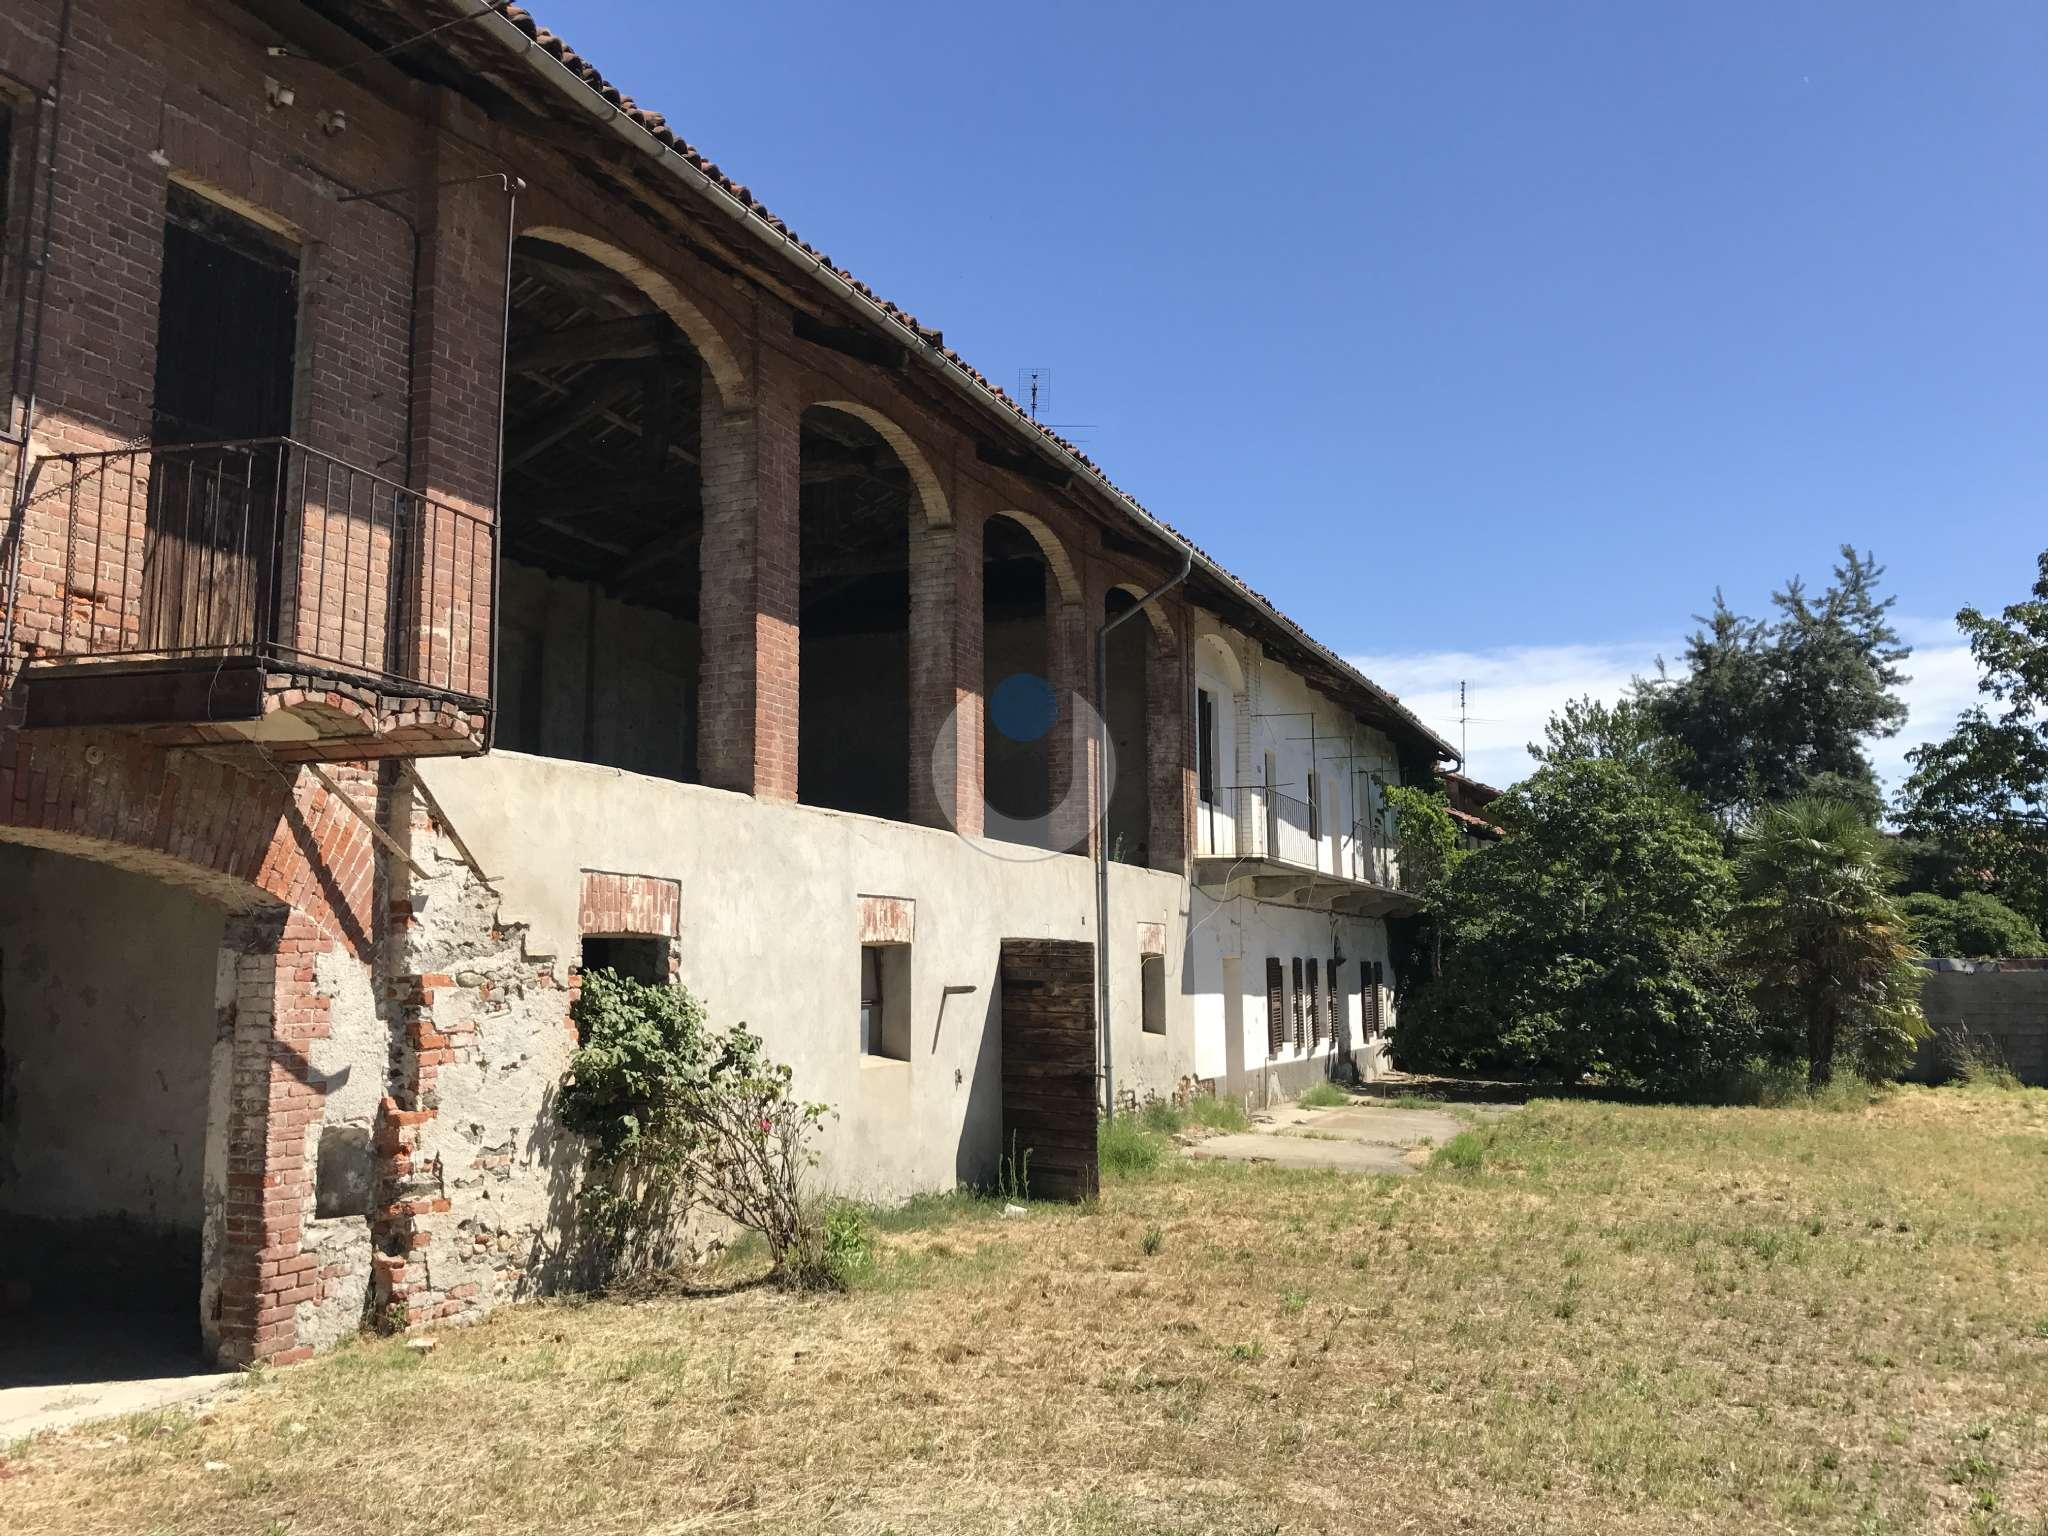 Rustico in Vendita a Pinerolo: 5 locali, 226 mq